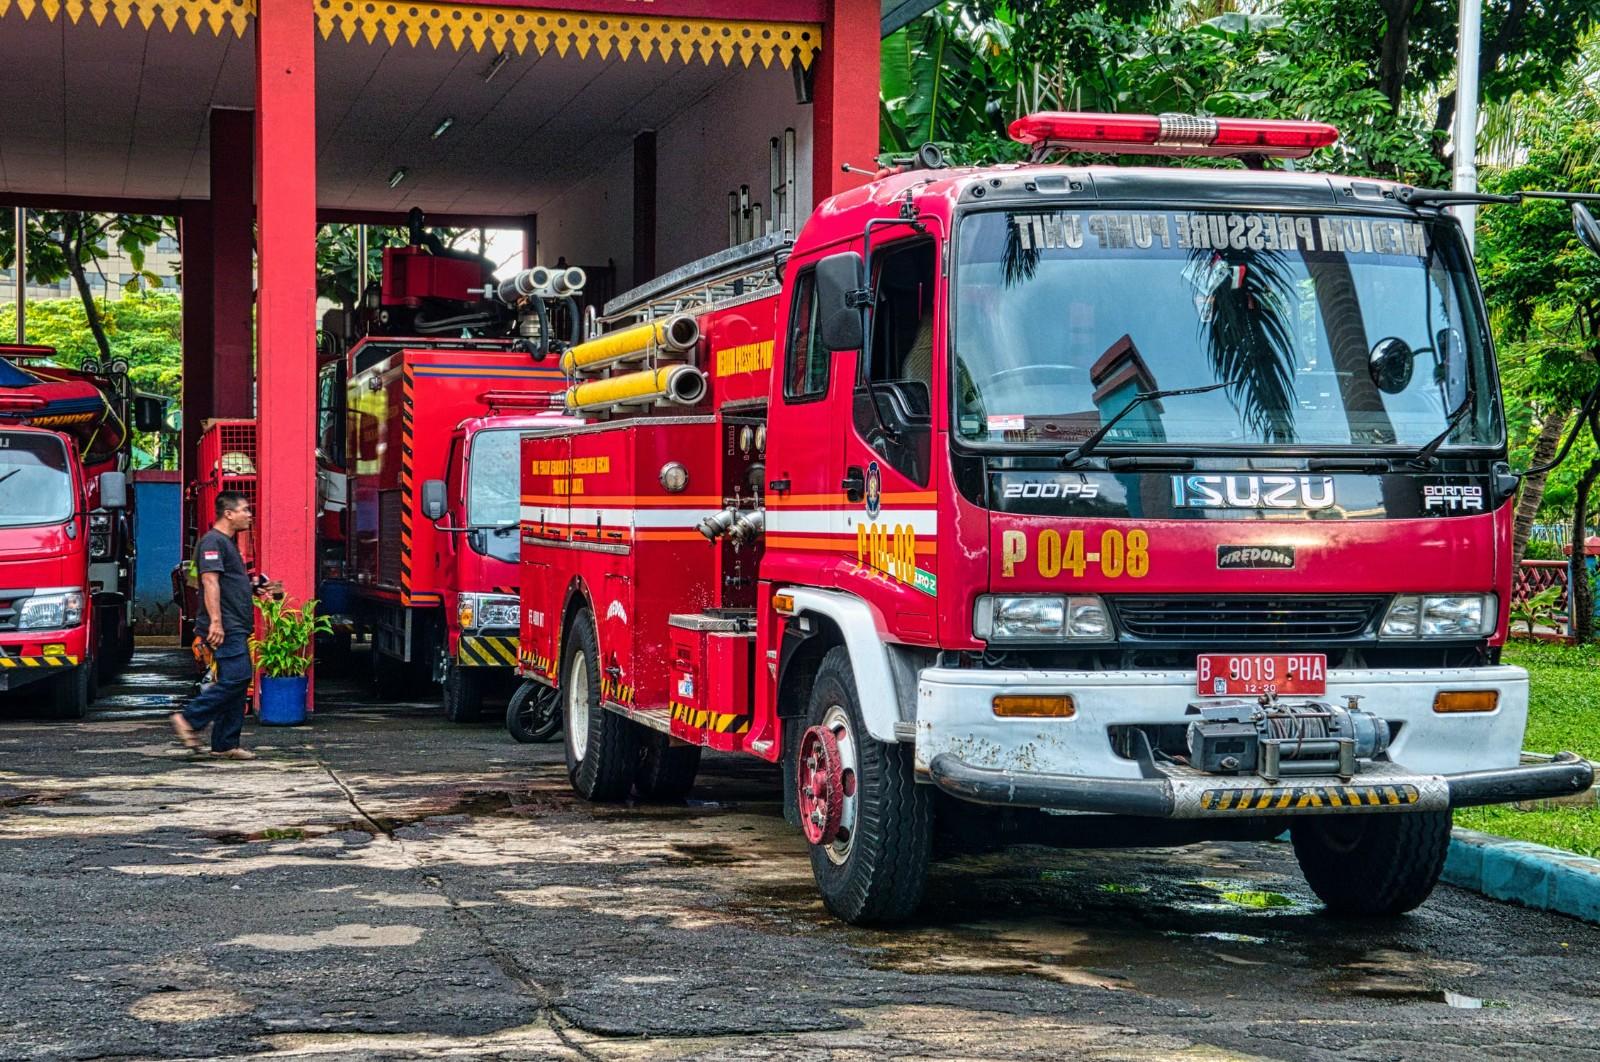 青岛注册消防工程师最难考的是哪一门(消防工程师收入)